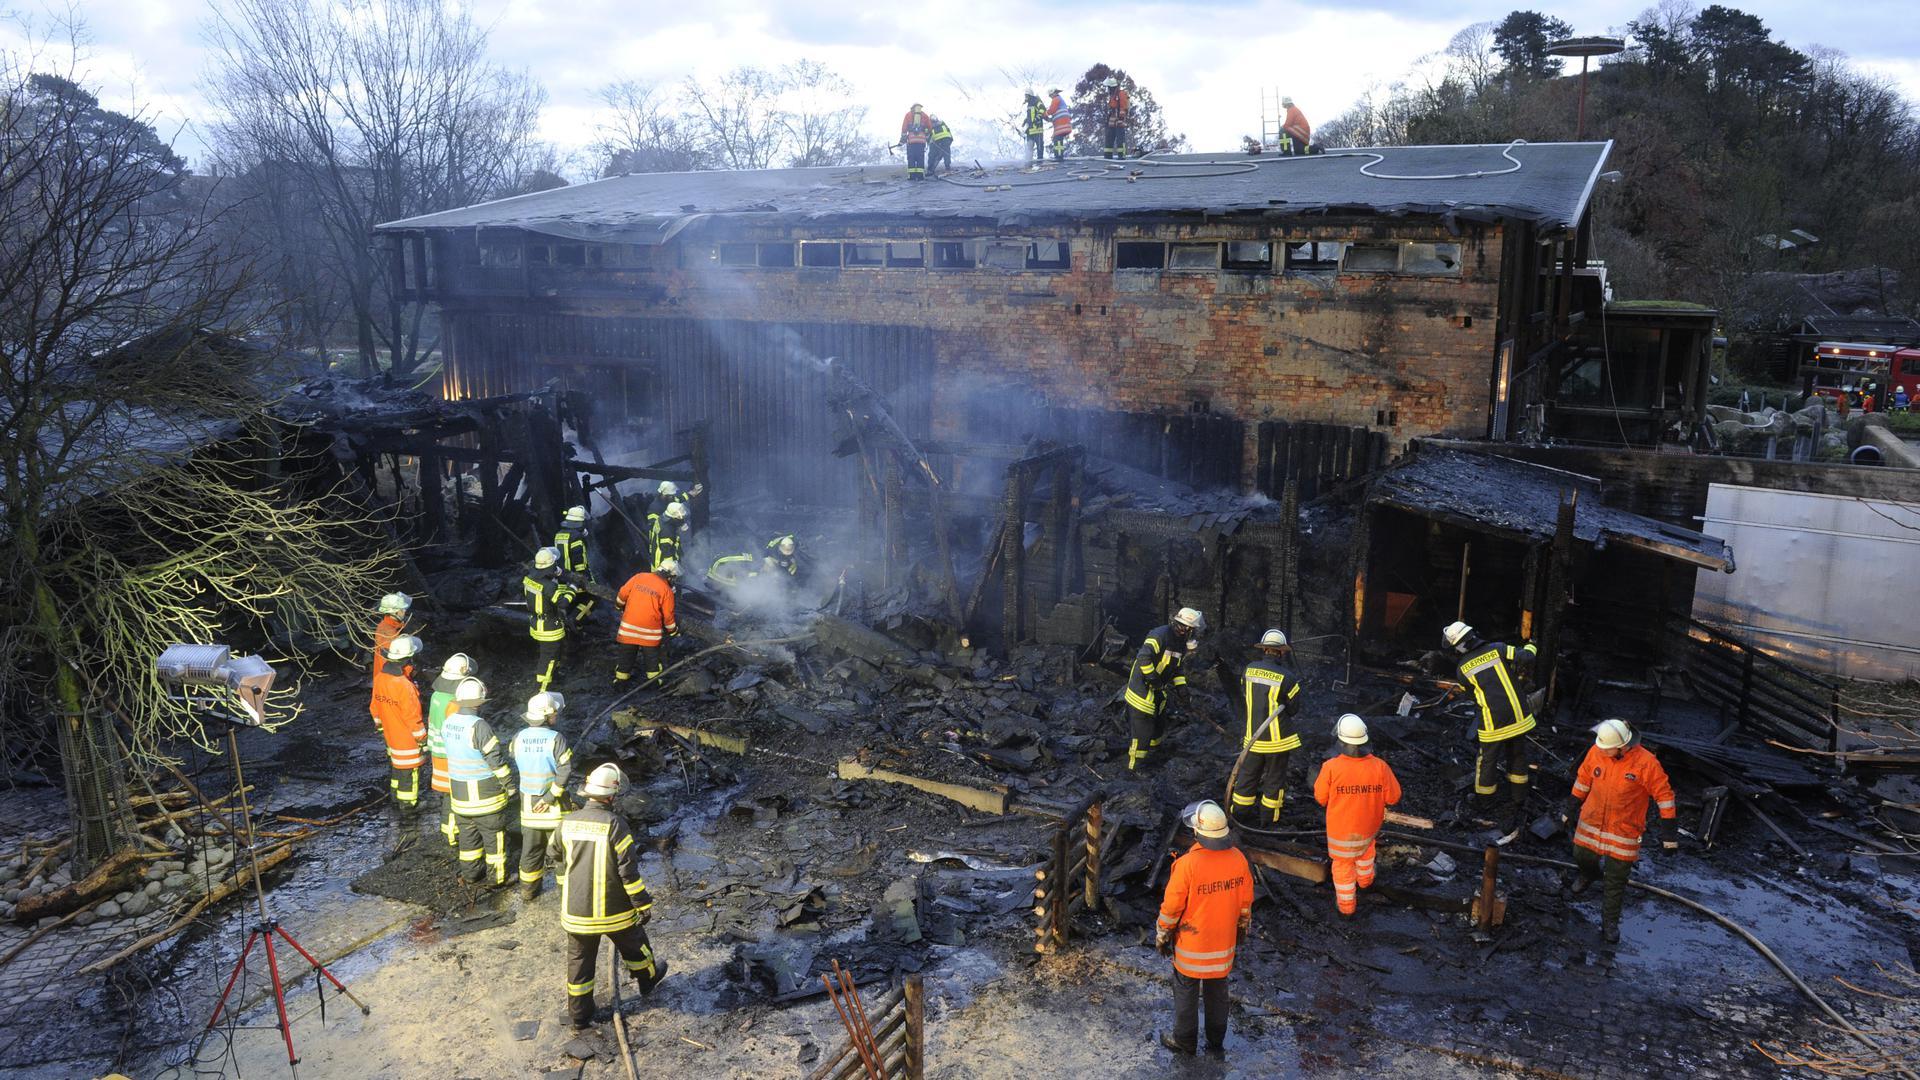 Einsatzkräfte der Feuerwehr löschen am Samstag (13.11.2010) im Karlsruher Zoo das Elefantenhaus. Bei dem Brand sind in der Nacht zum Samstag zahlreiche Tiere ums Leben gekommen. Nach Polizeiangaben war das Feuer aus unbekannter Ursache im Streichelzoo ausgebrochen. Die 25 Tiere dort verbrannten. Die Flammen griffen auch auf das Elefantenhaus über. In einer dramatischen Rettungsaktion konnten die Elefanten und die dort untergebrachten Flusspferde gerettet werden. Sie sind jetzt im Außengehege untergebracht. Foto: Uli Deck dpa/lsw ++ +++ dpa-Bildfunk +++